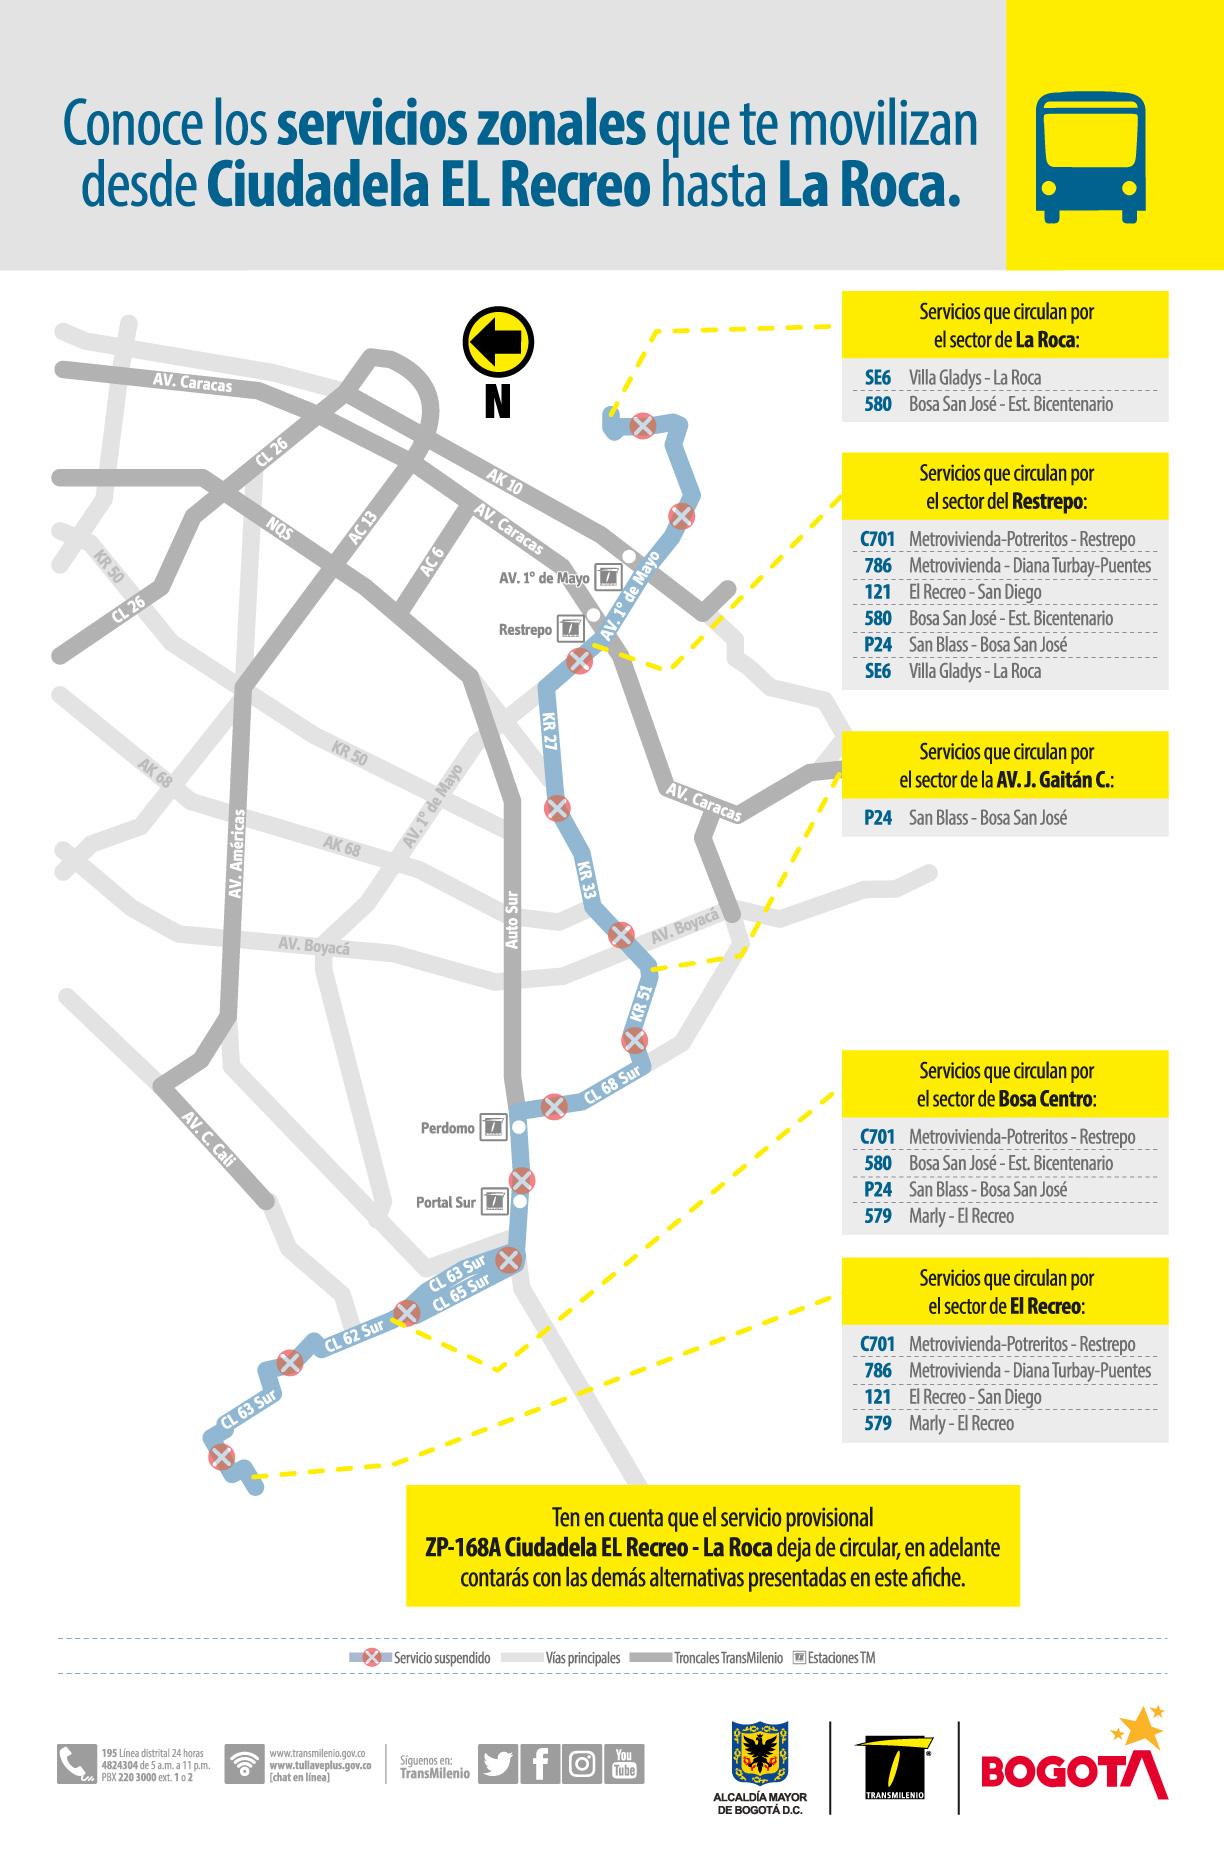 ruta provisional ZP-168A Ciudadela El Recreo - La Roca, sale de operación el 24 de julio